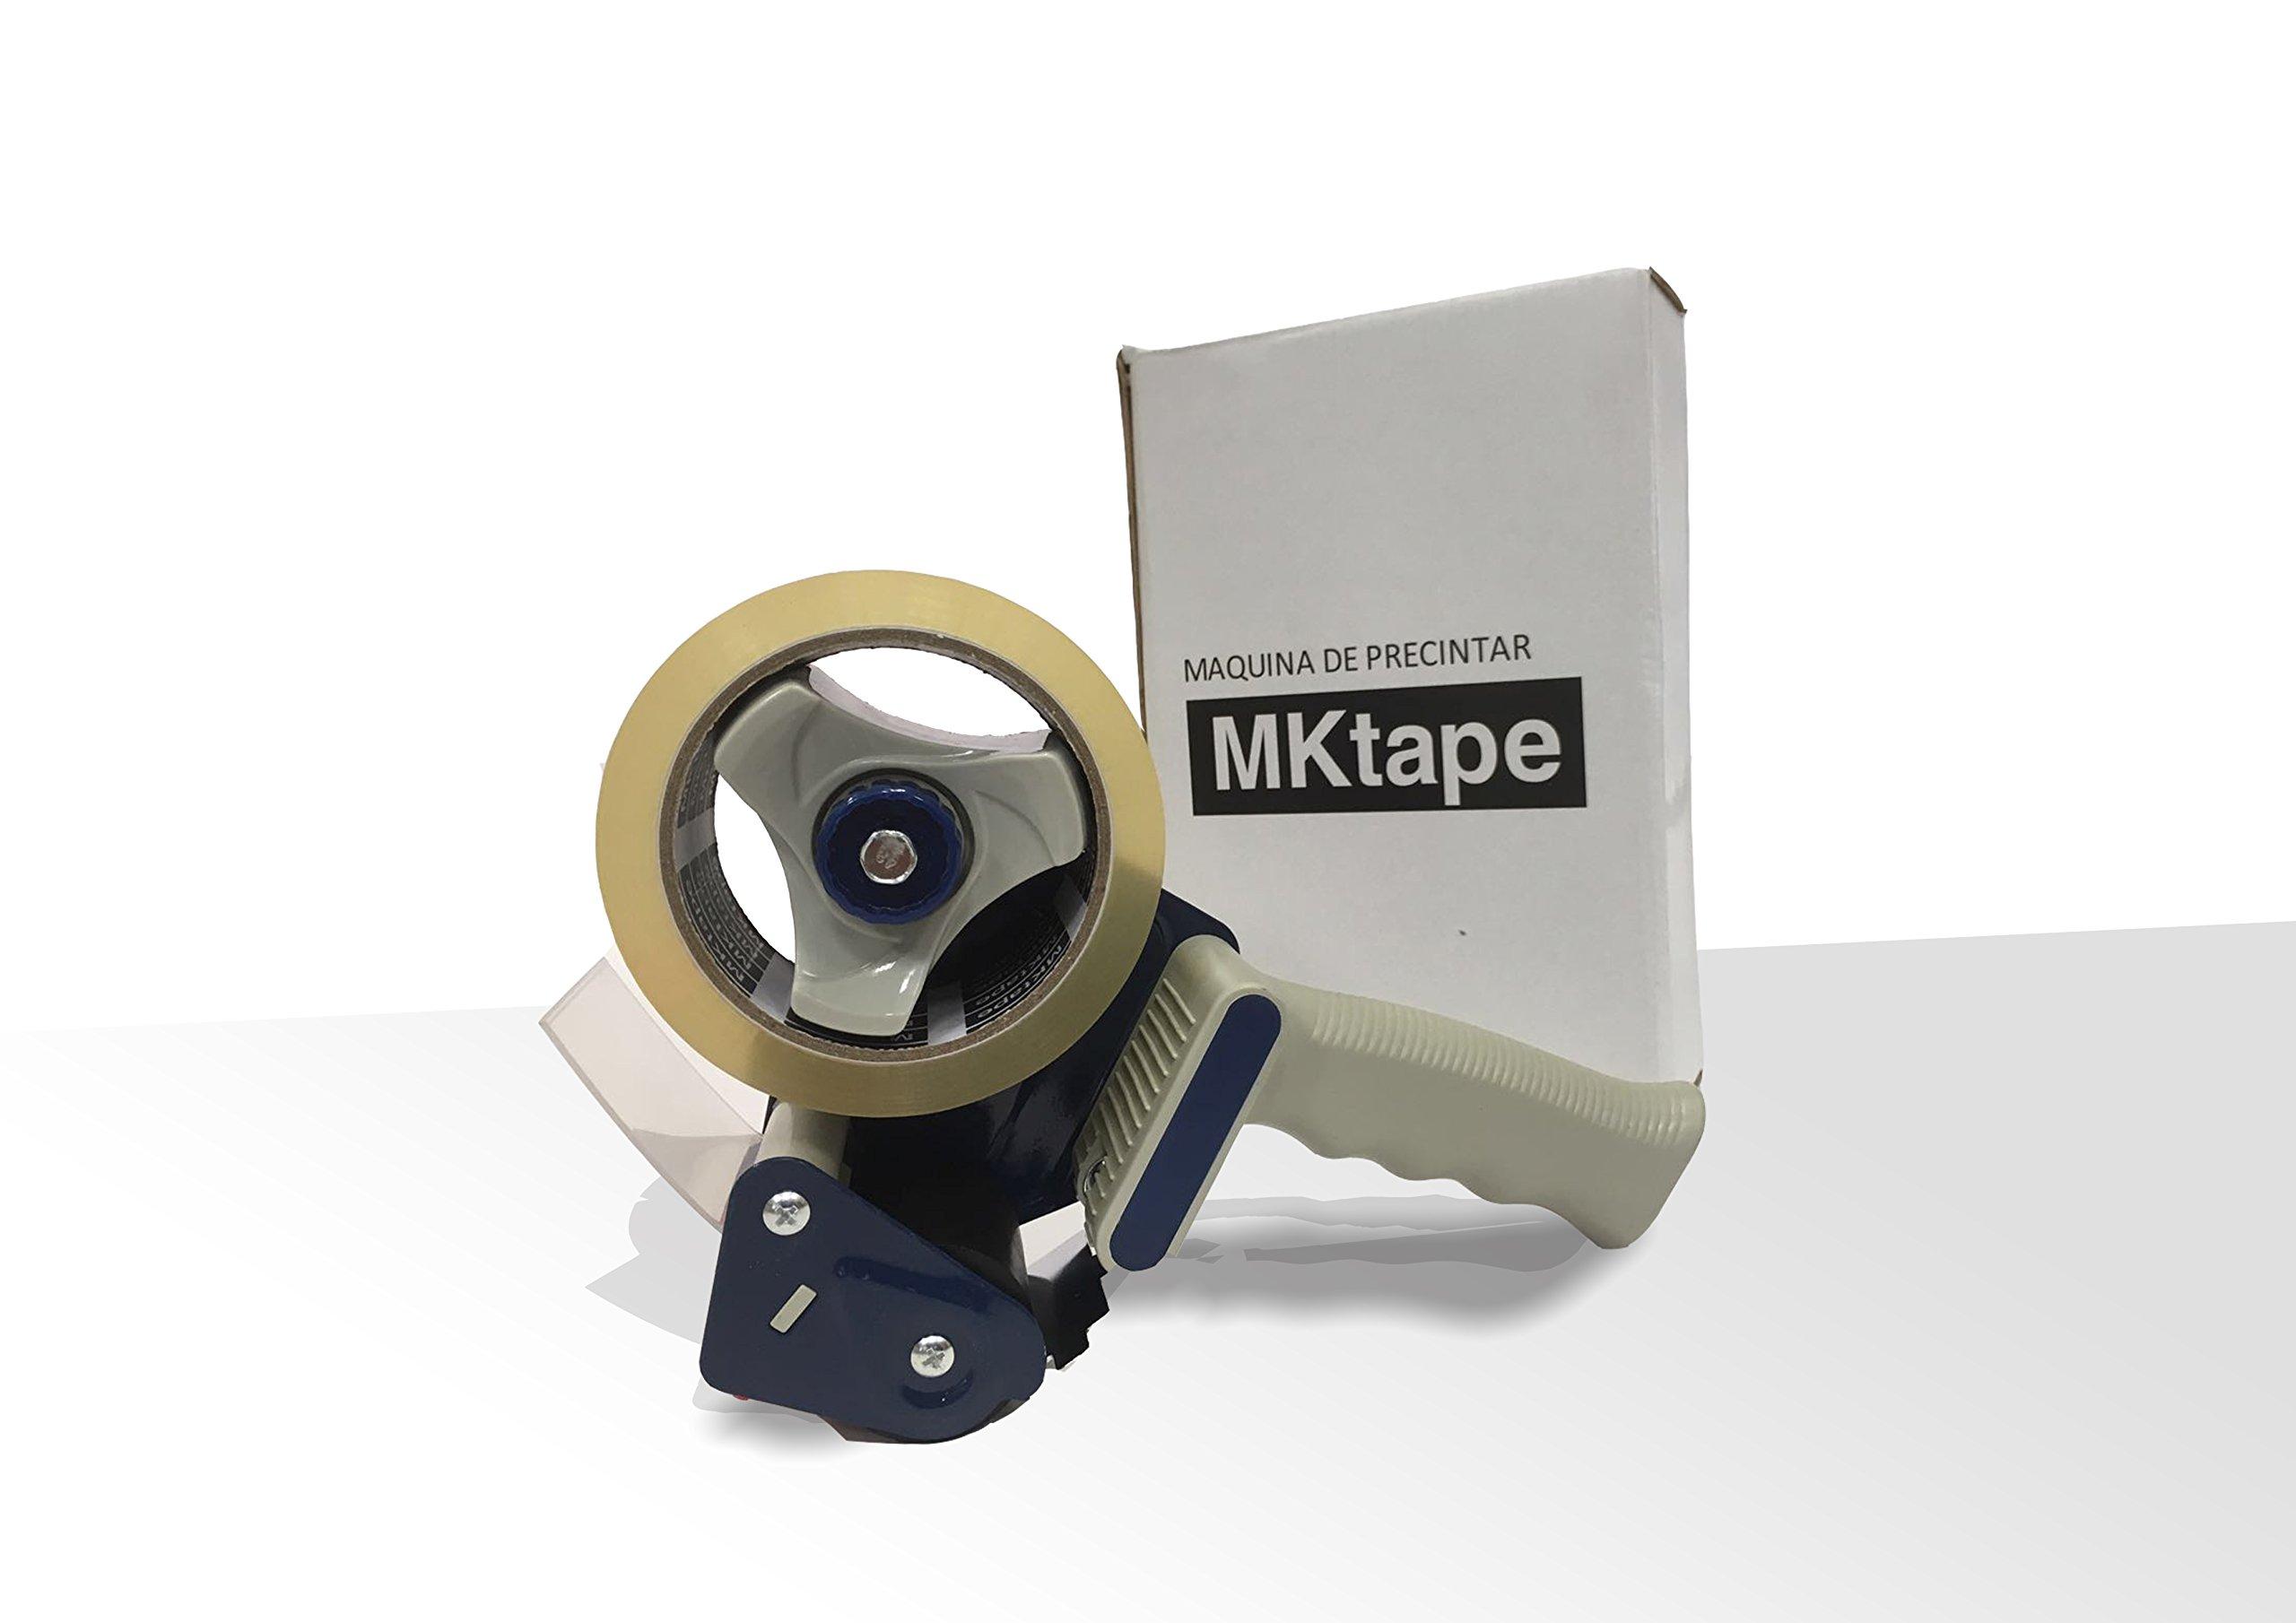 mktape mk403905-precintar Machine by Mktape